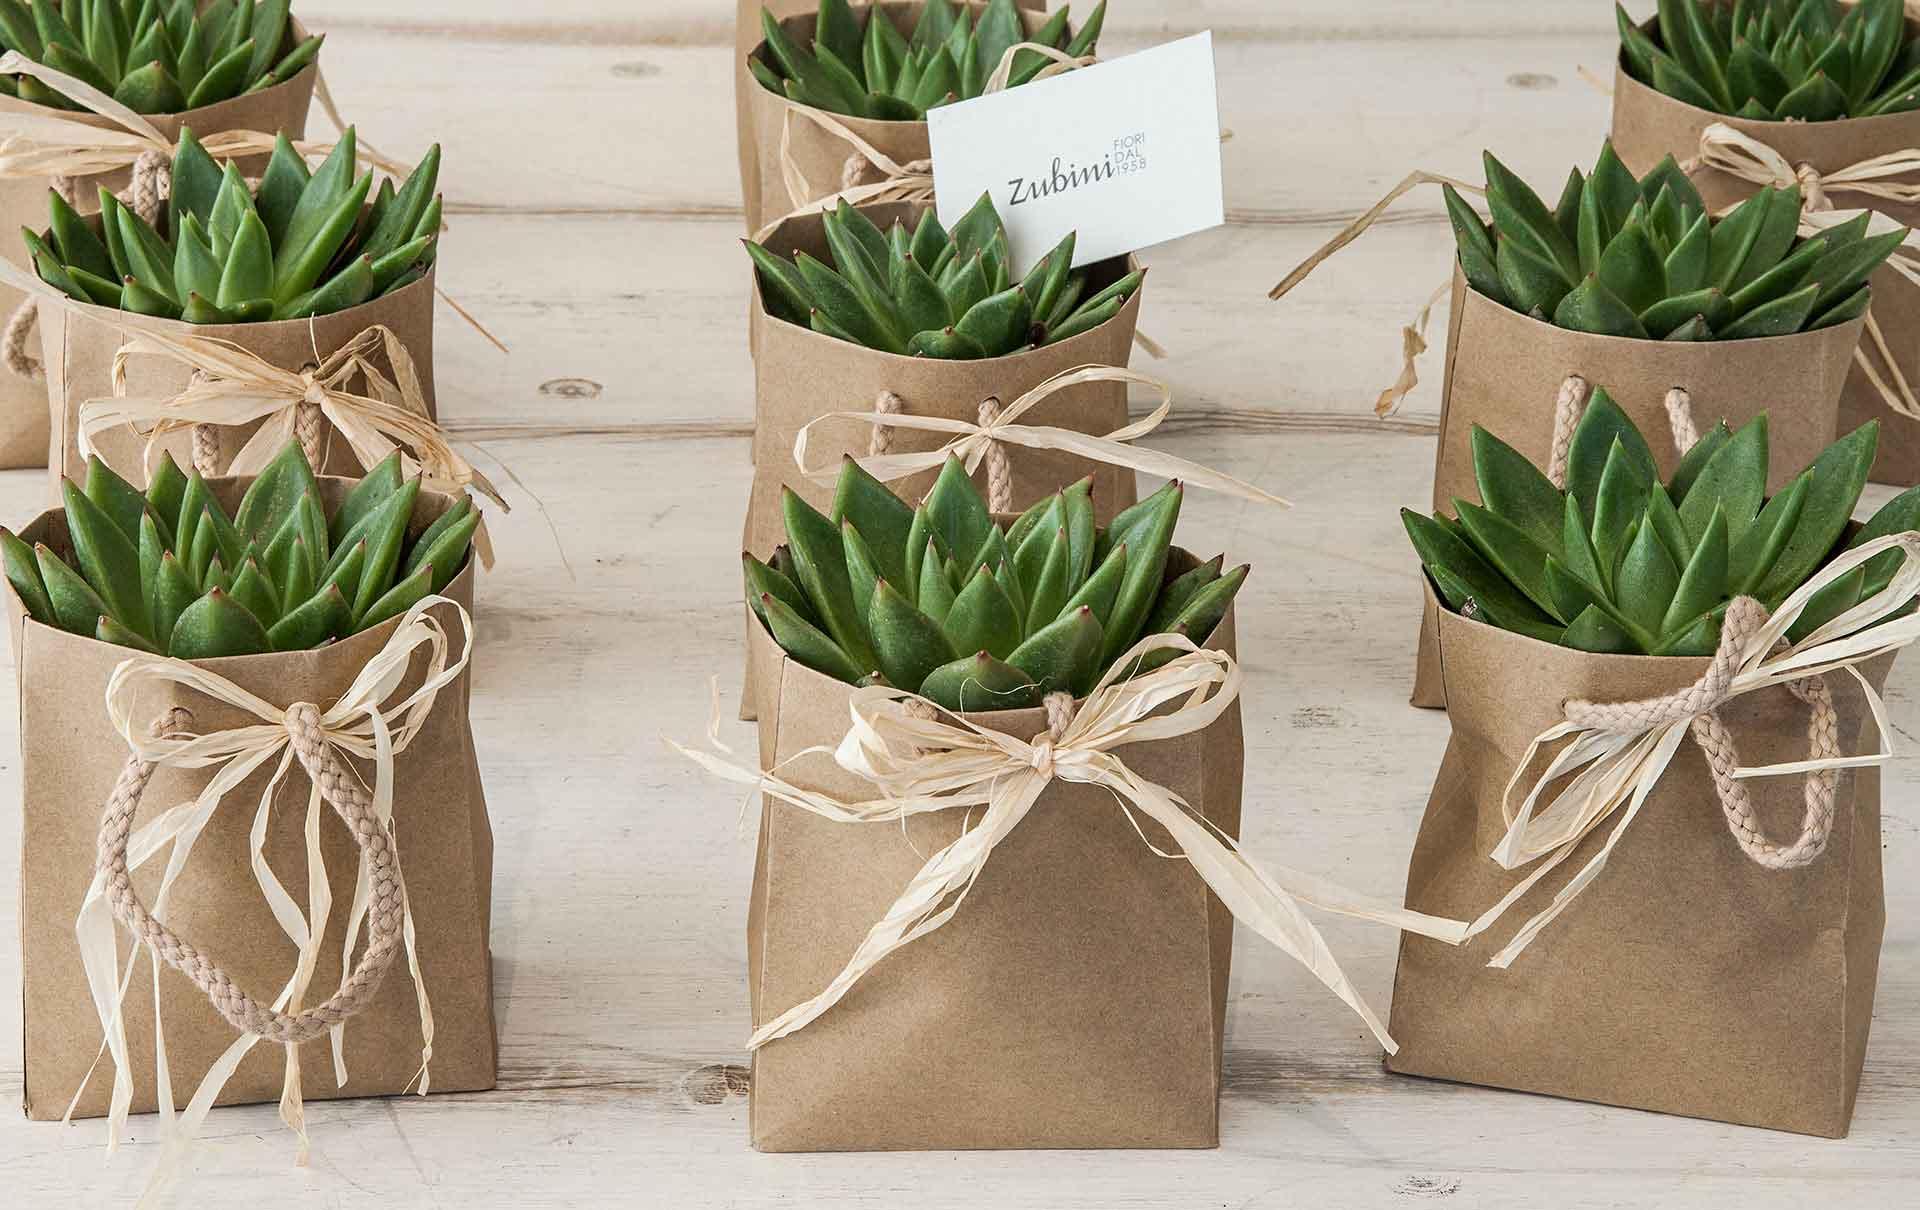 Piante grasse piante da appartamento zubini - Coprivasi da interno ...